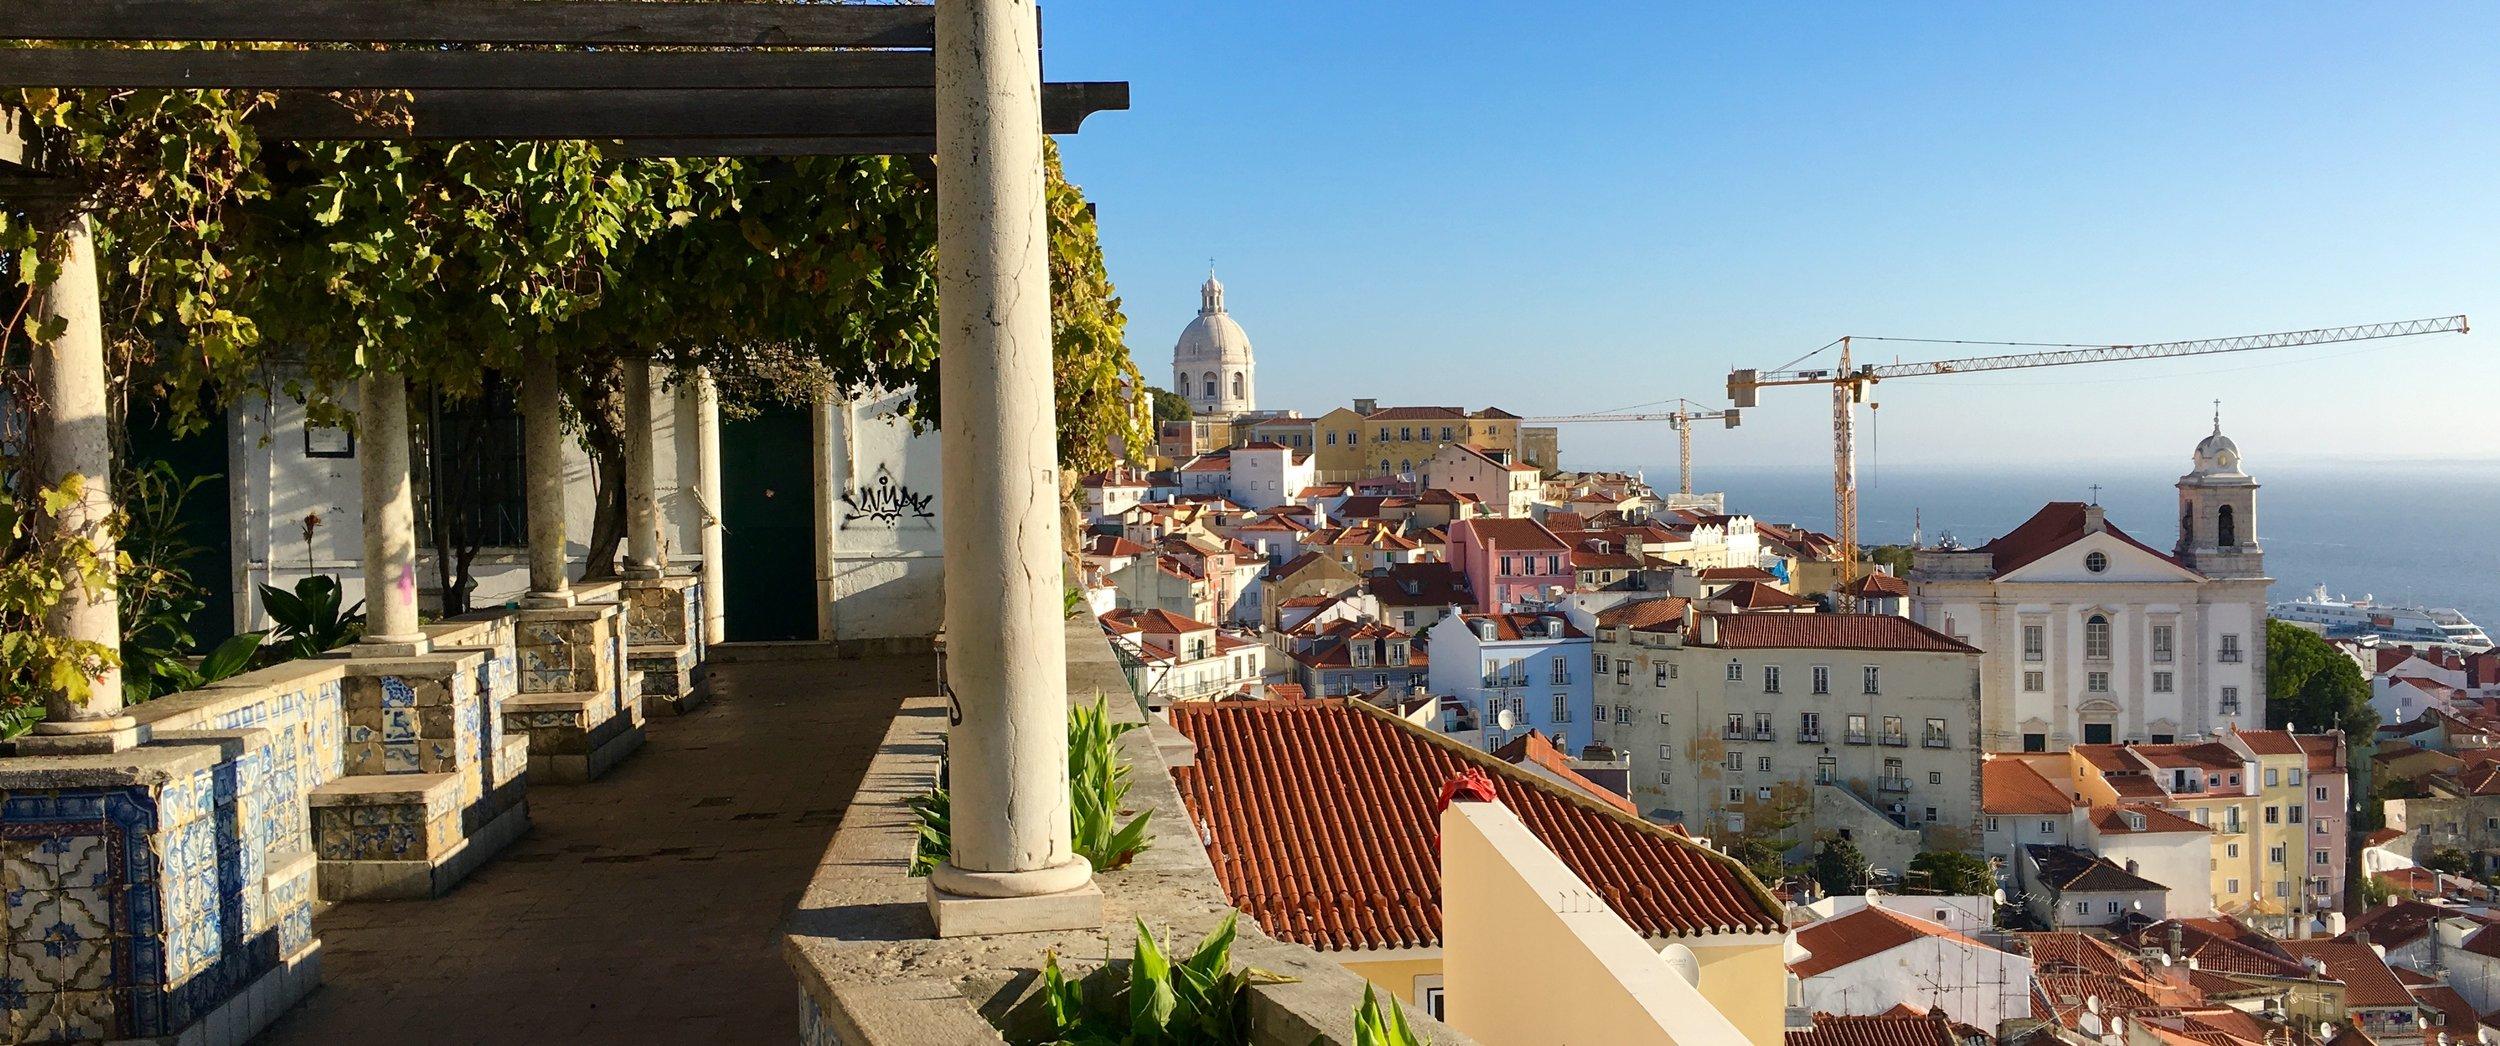 Miradouro de Santa Luzia, Lisbon, Portugal